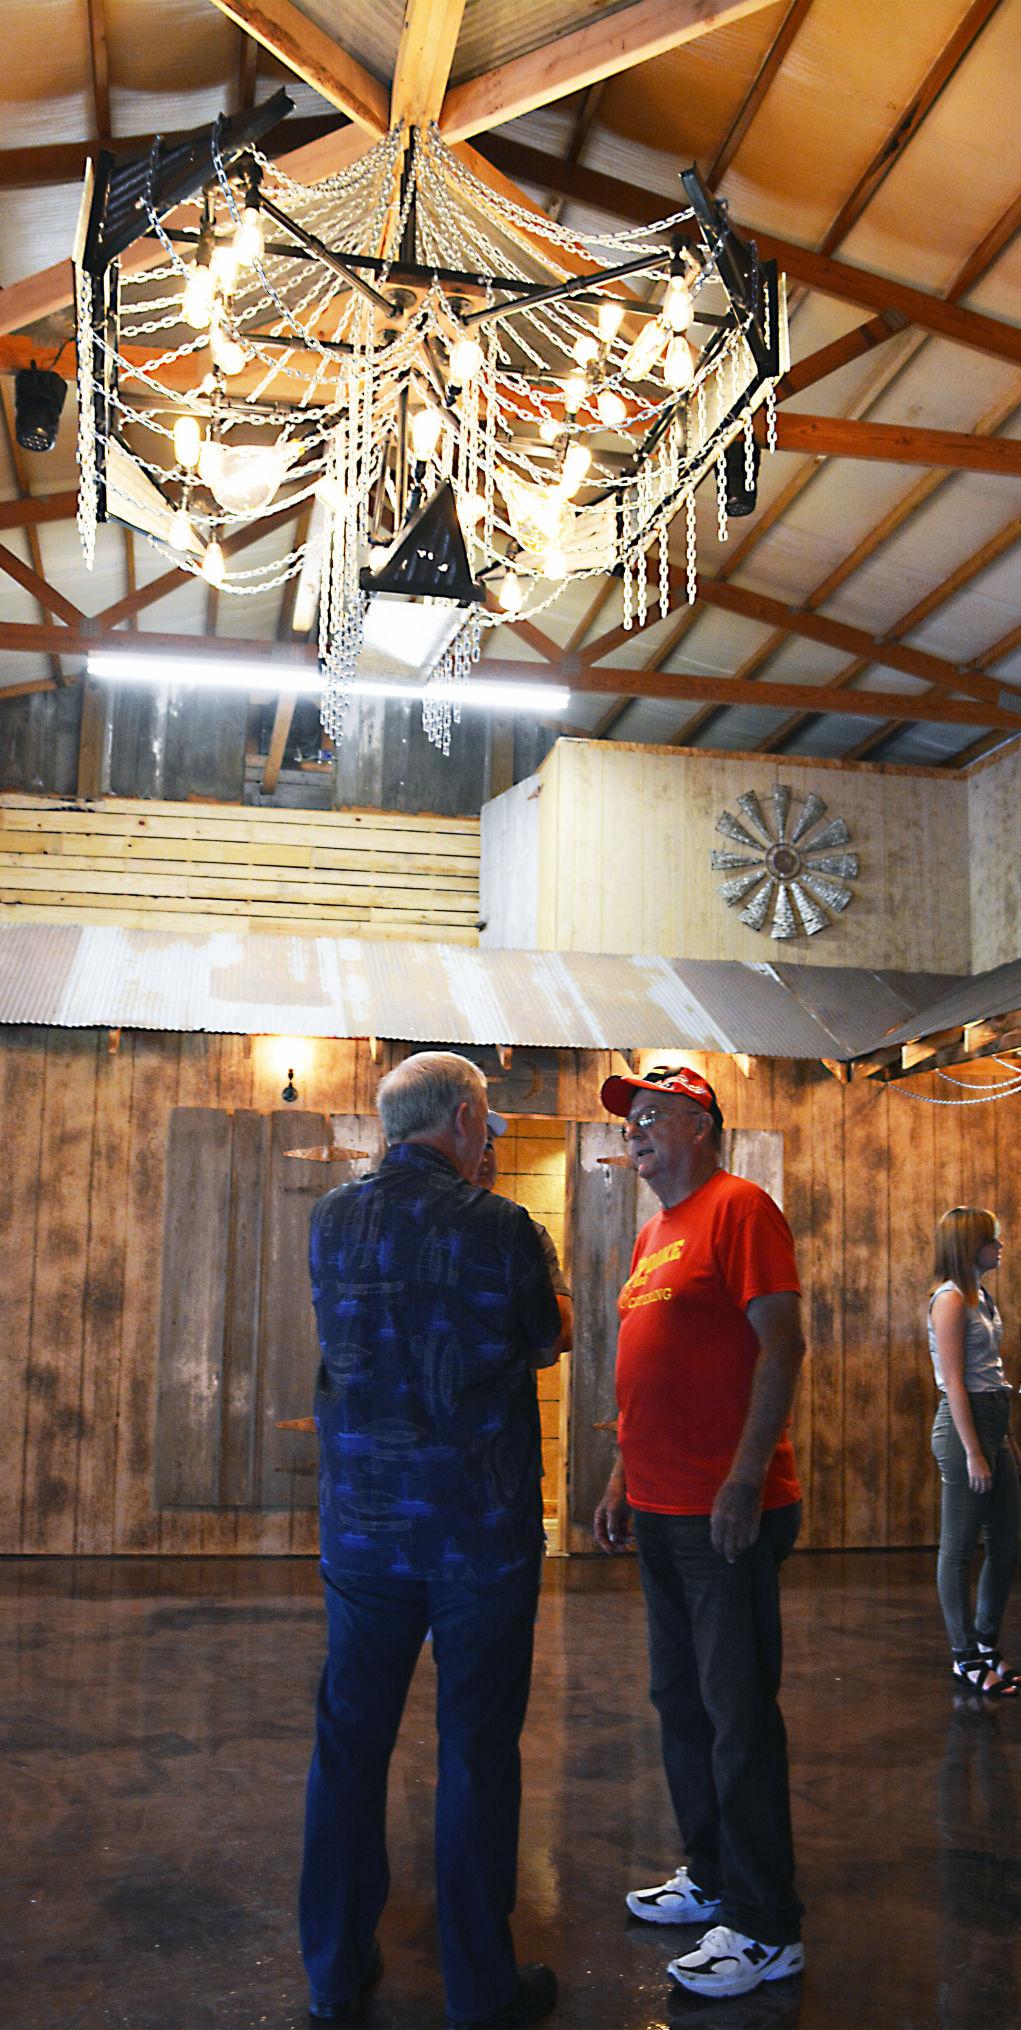 Updike barn offers event space in Kearney area